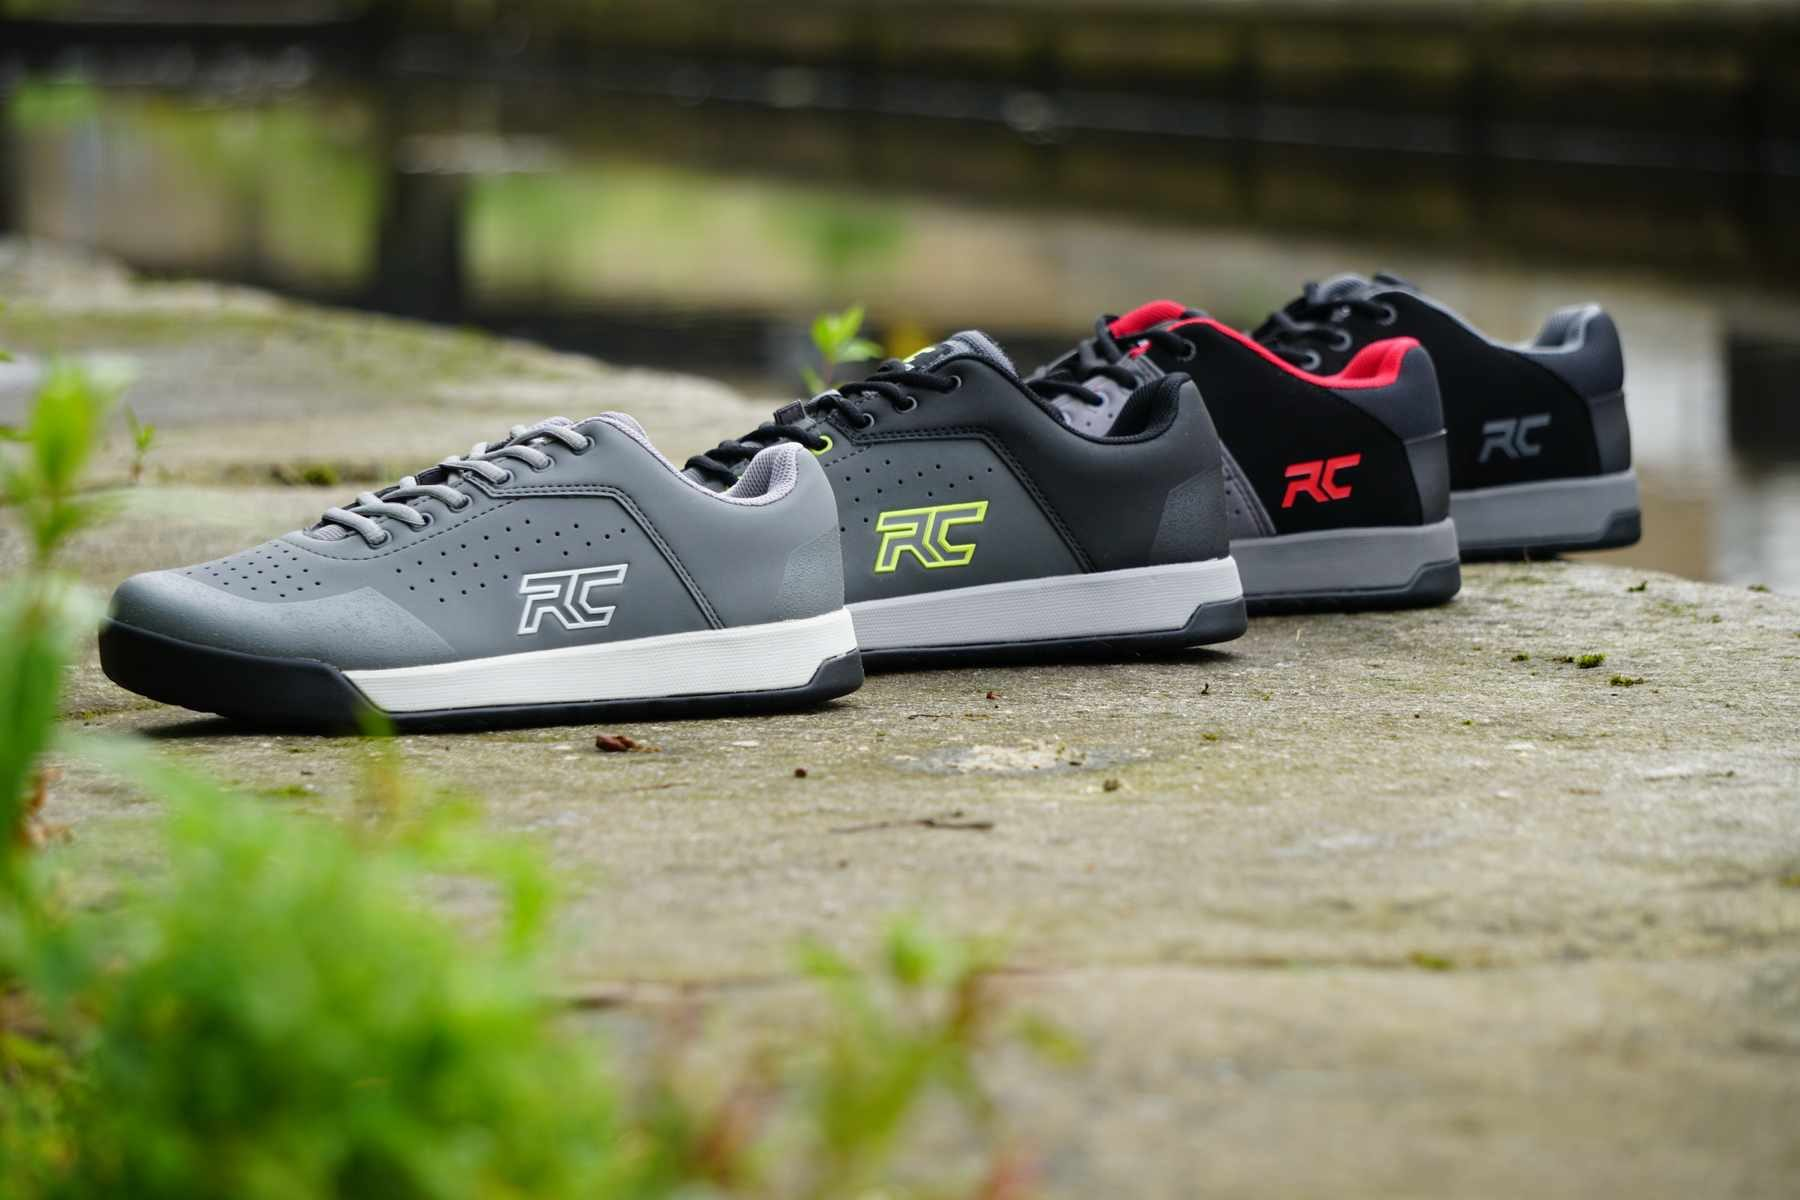 Ride Concept Shoes